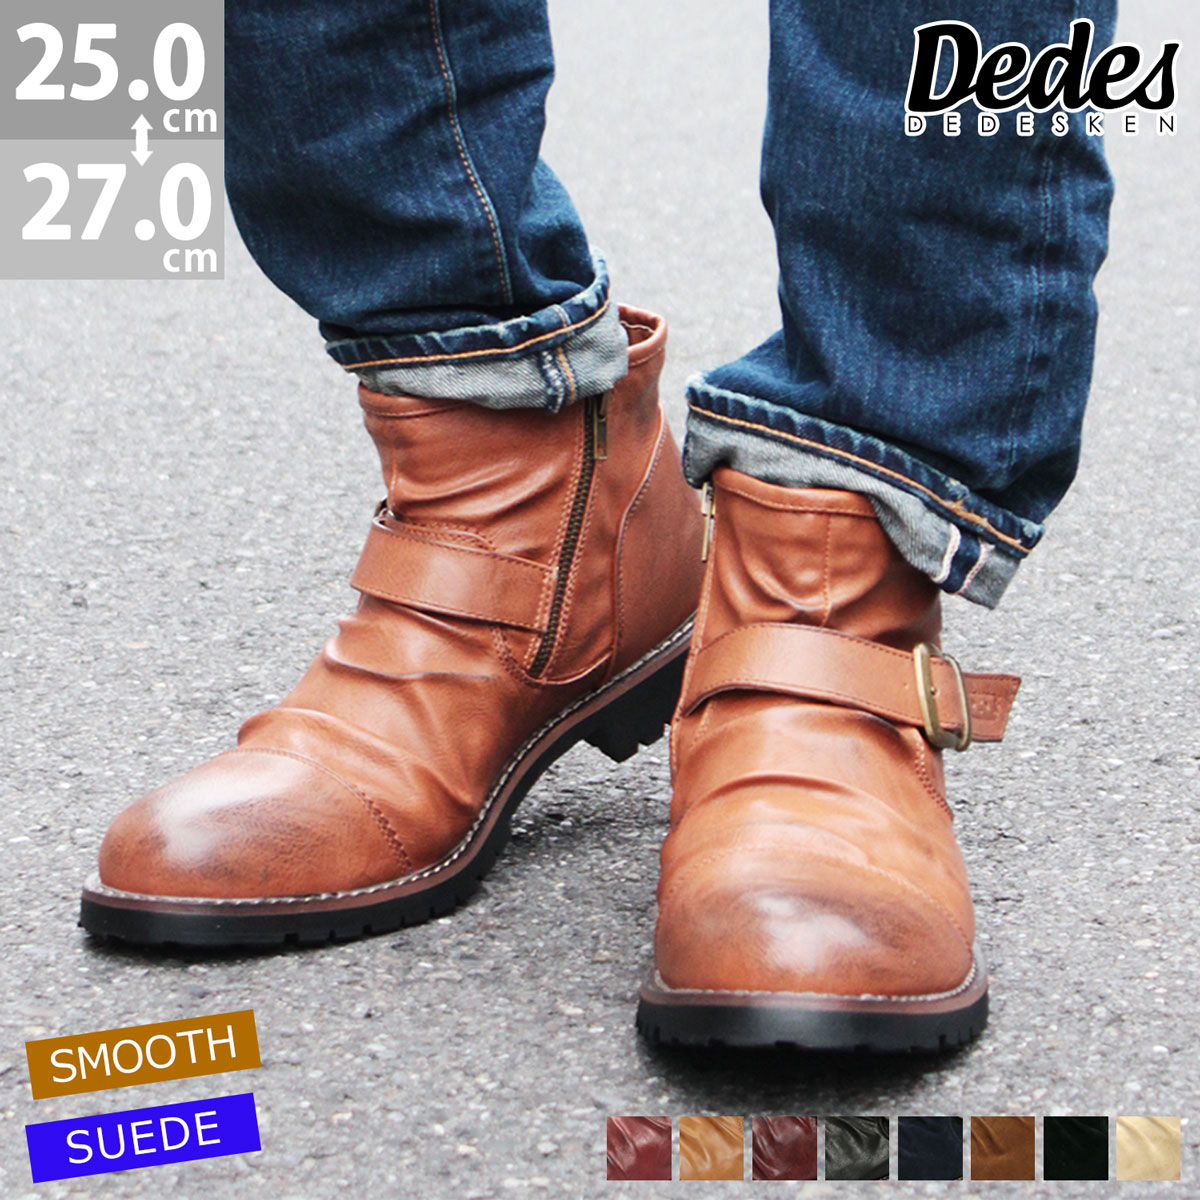 【送料無料】エンジニアブーツ【Dedes デデス】ドレープエンジニアショートブーツ No.5111 メンズ 靴 ベルト サイドジップ boots ショート ブーツ エンジニア メンズブーツ ドレープ タンクソール 靴【2足6000円(税別)セット】